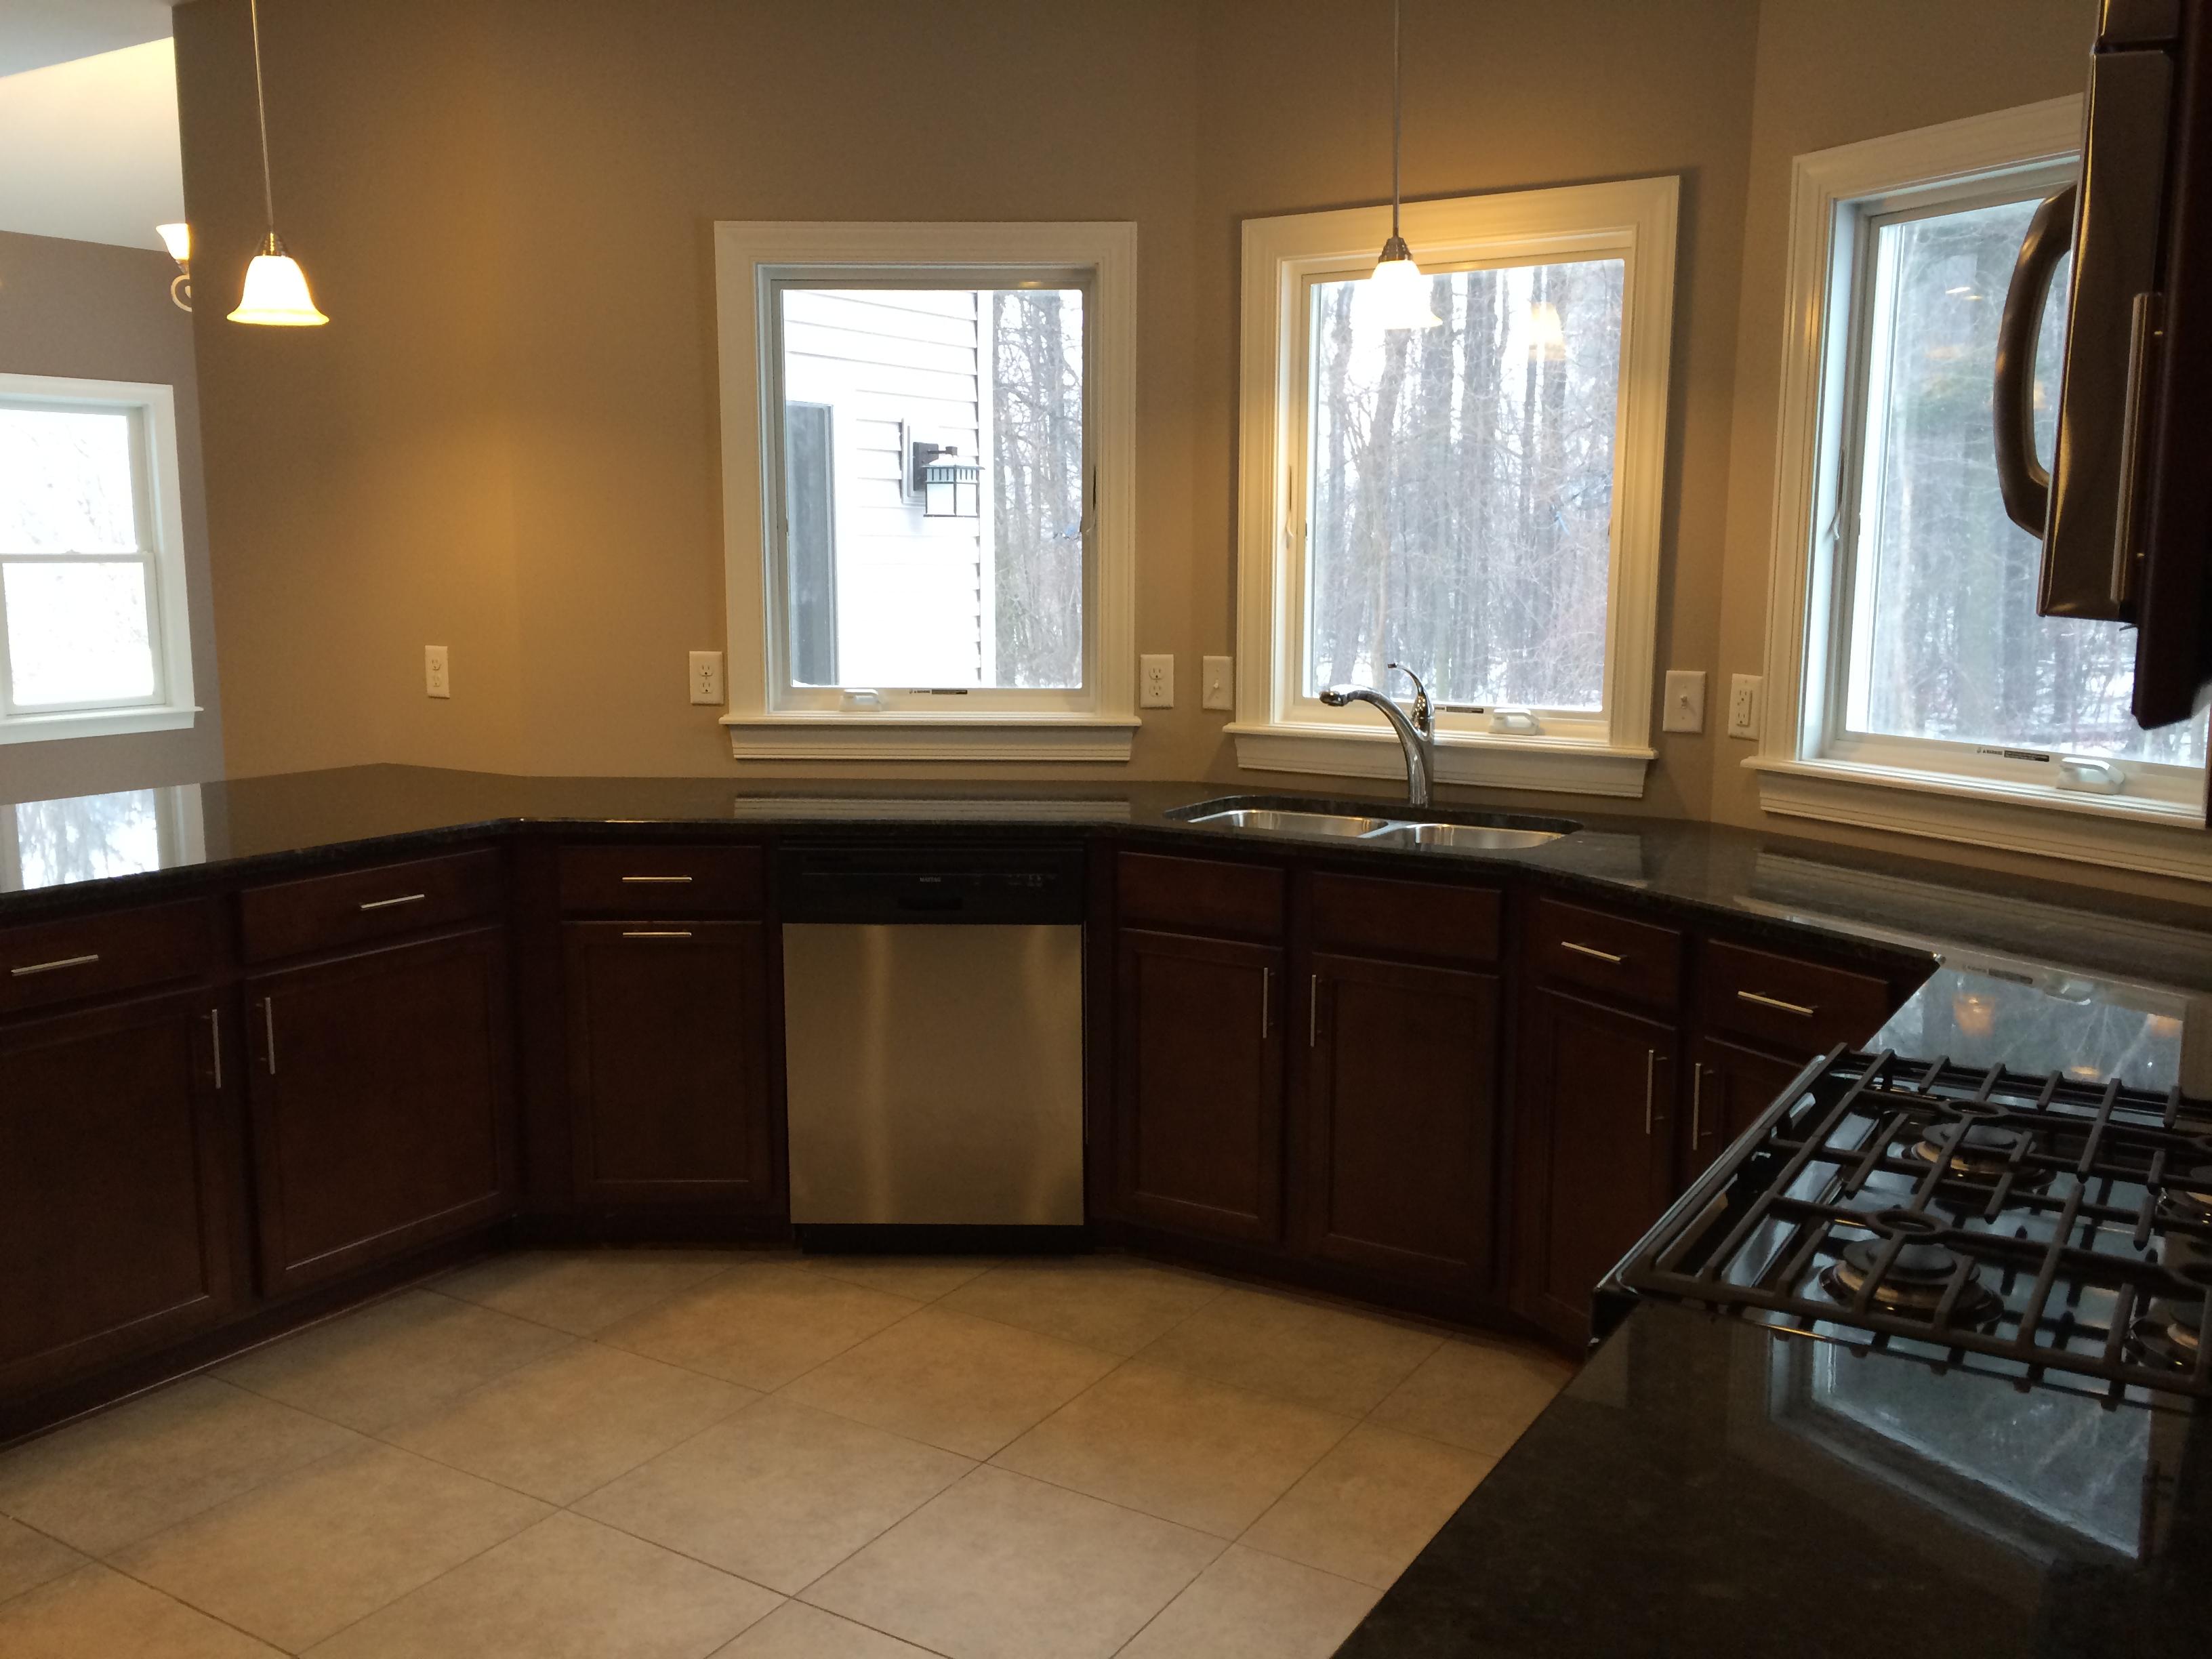 83 avalon kitchen thumb